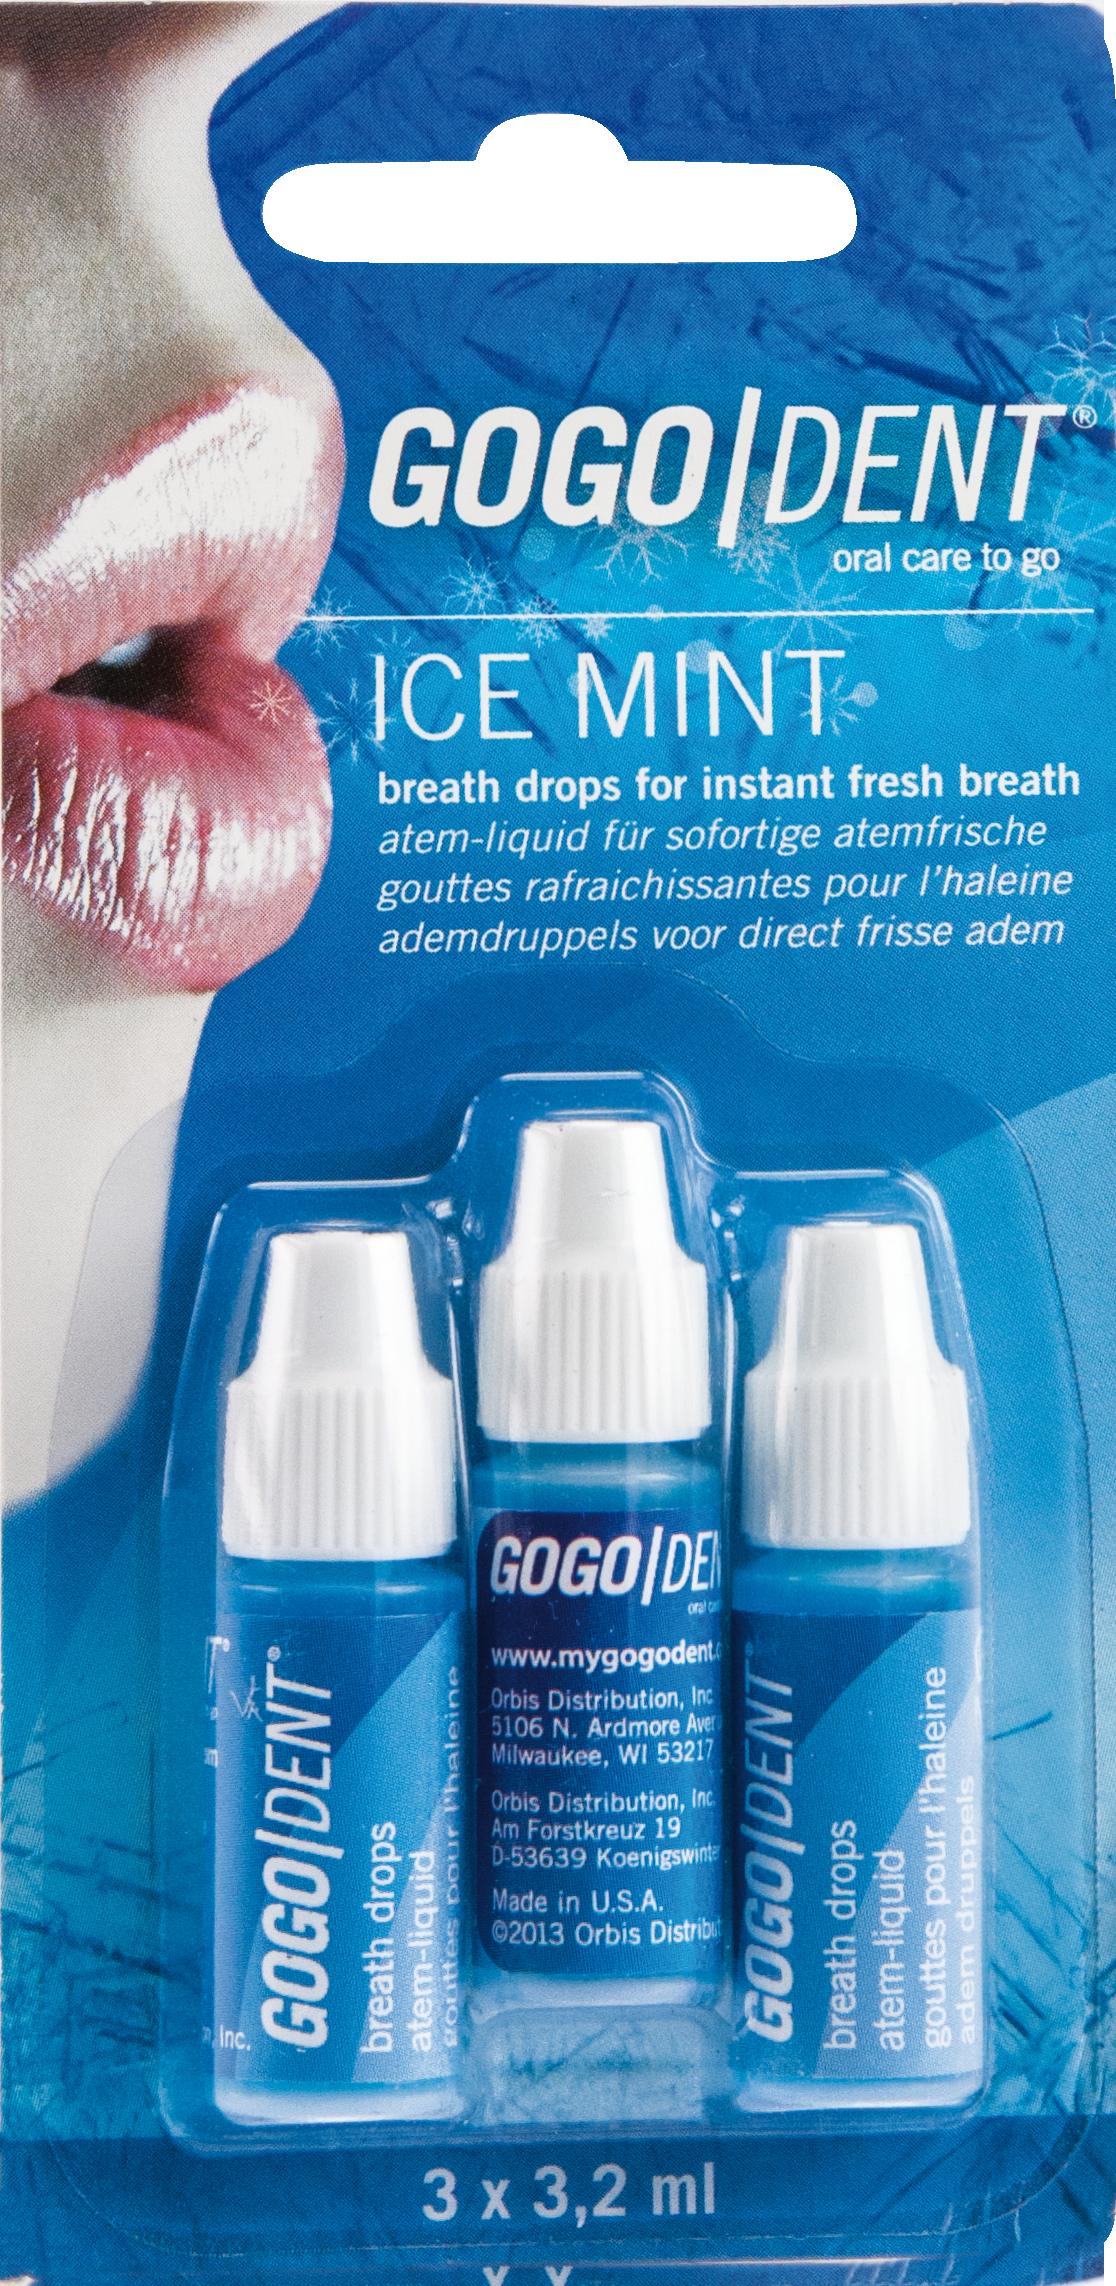 GoGo Dent Atem-Liquid Ice Mint